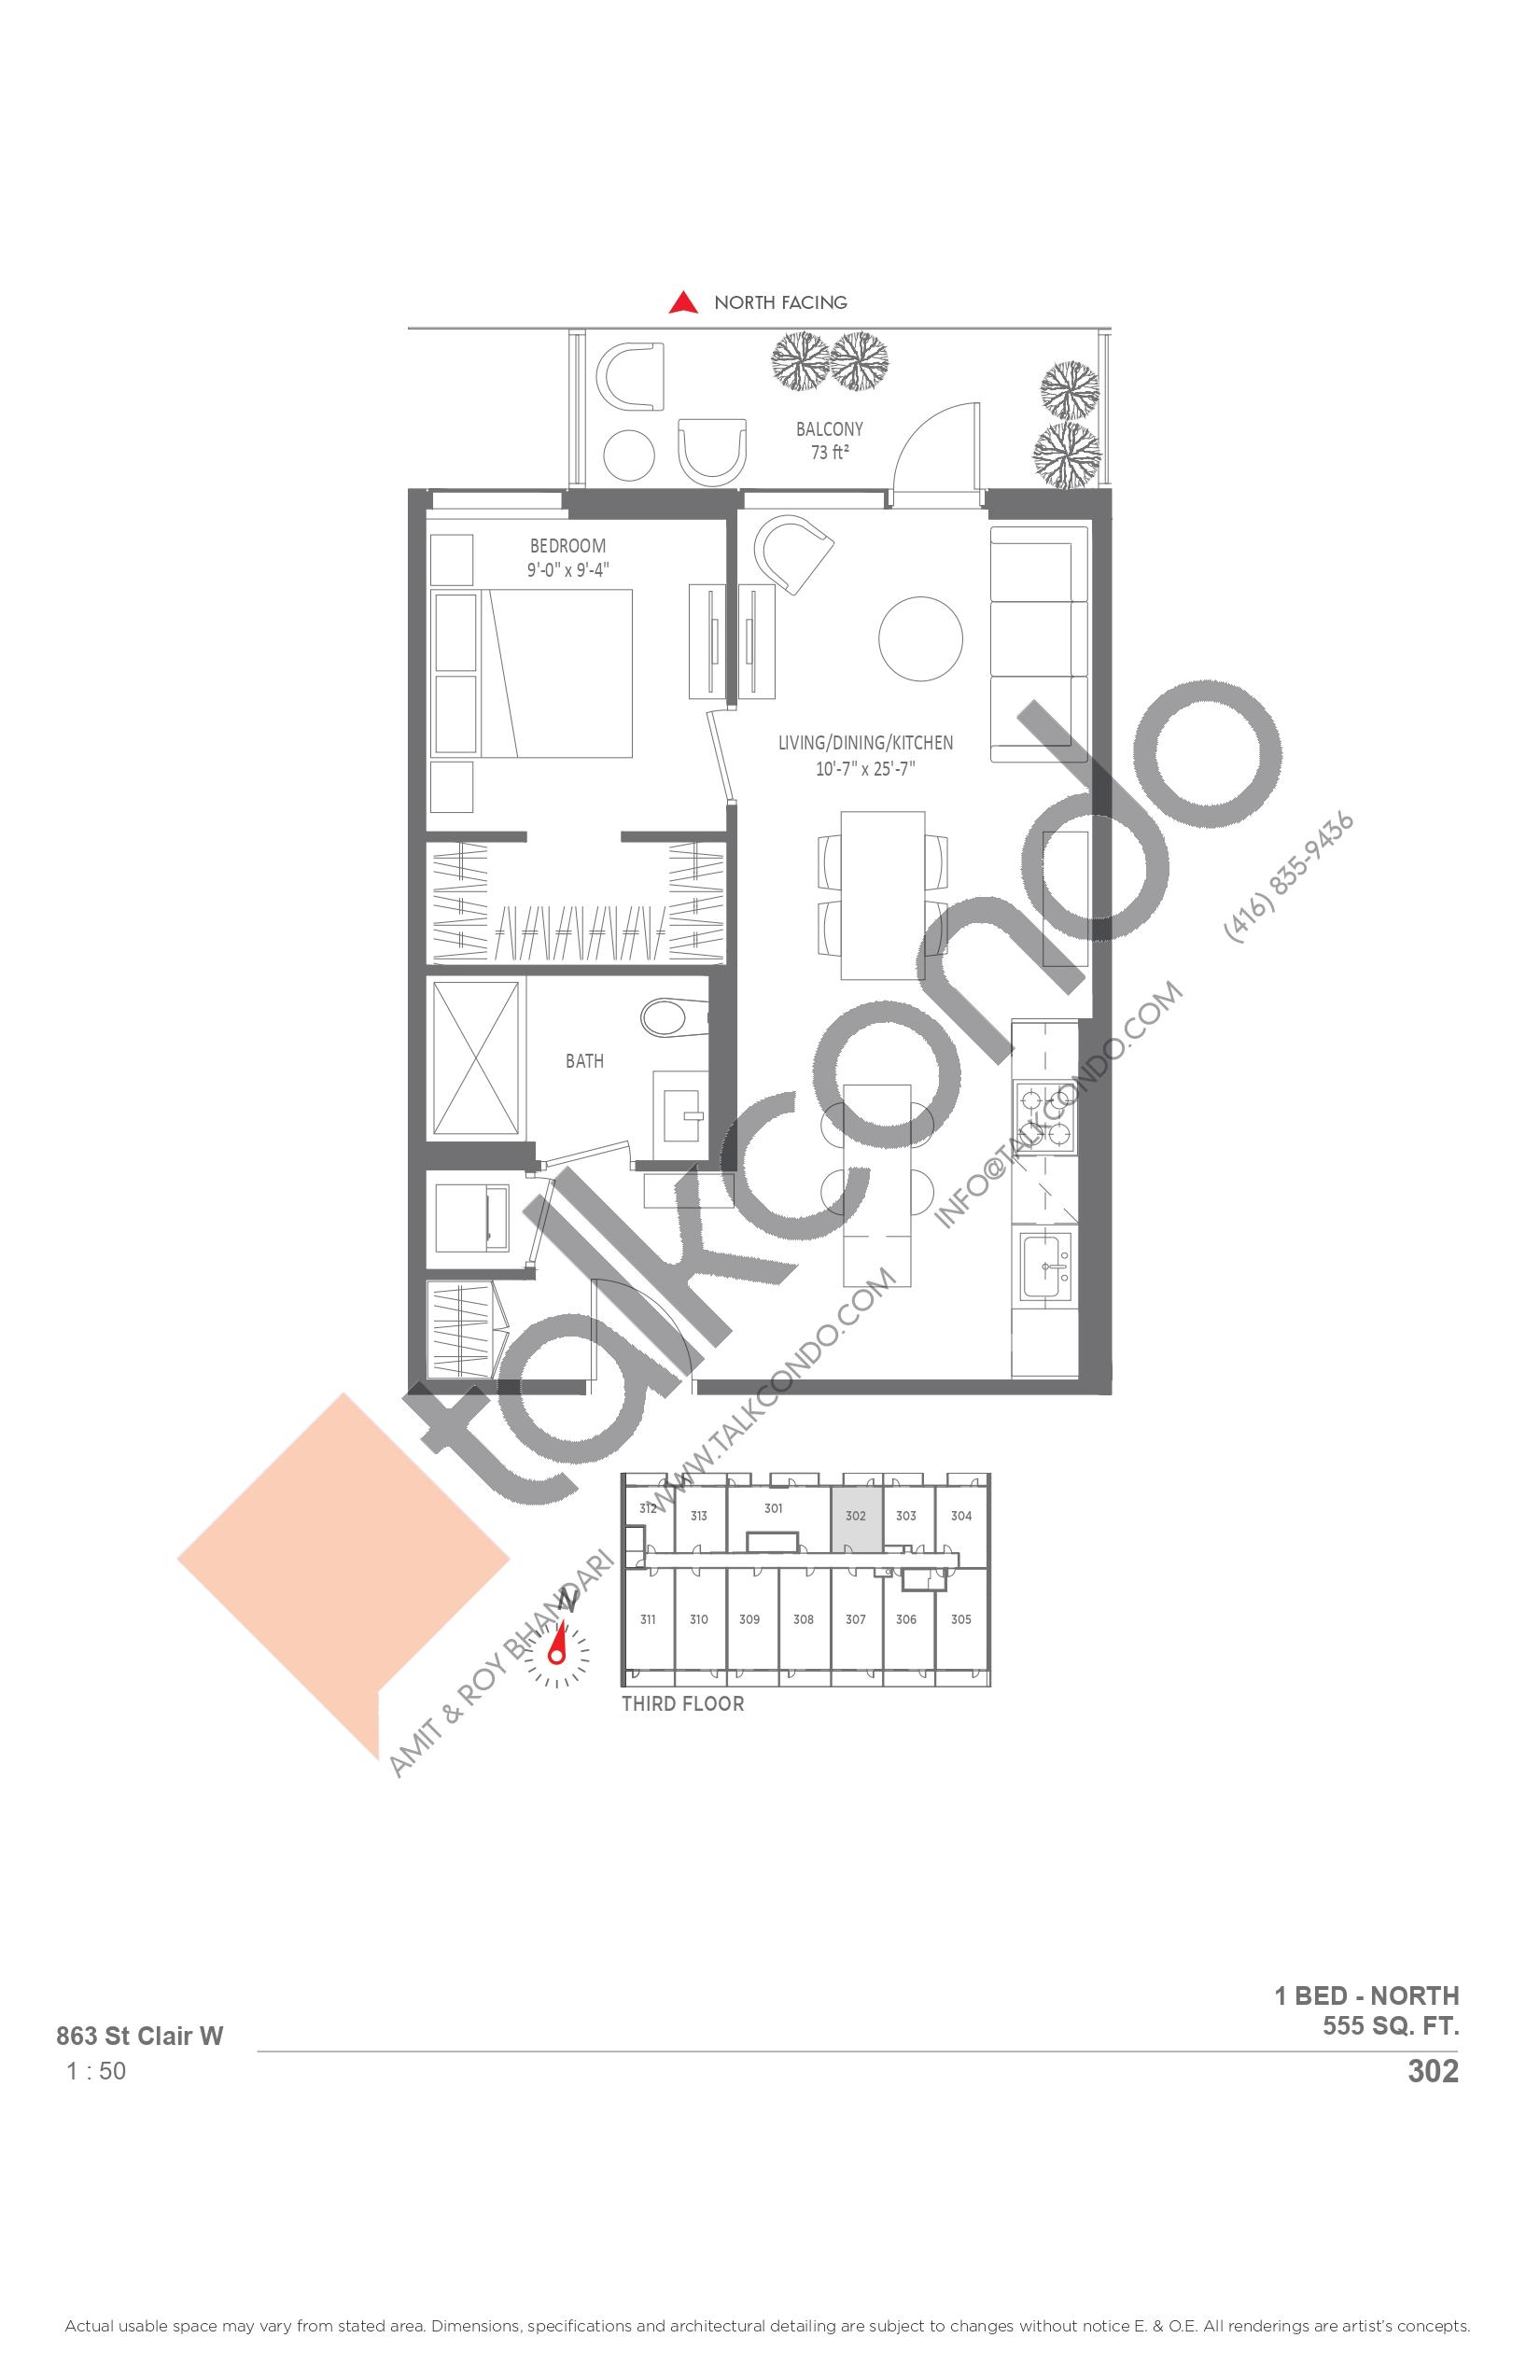 302 Floor Plan at Monza Condos - 555 sq.ft